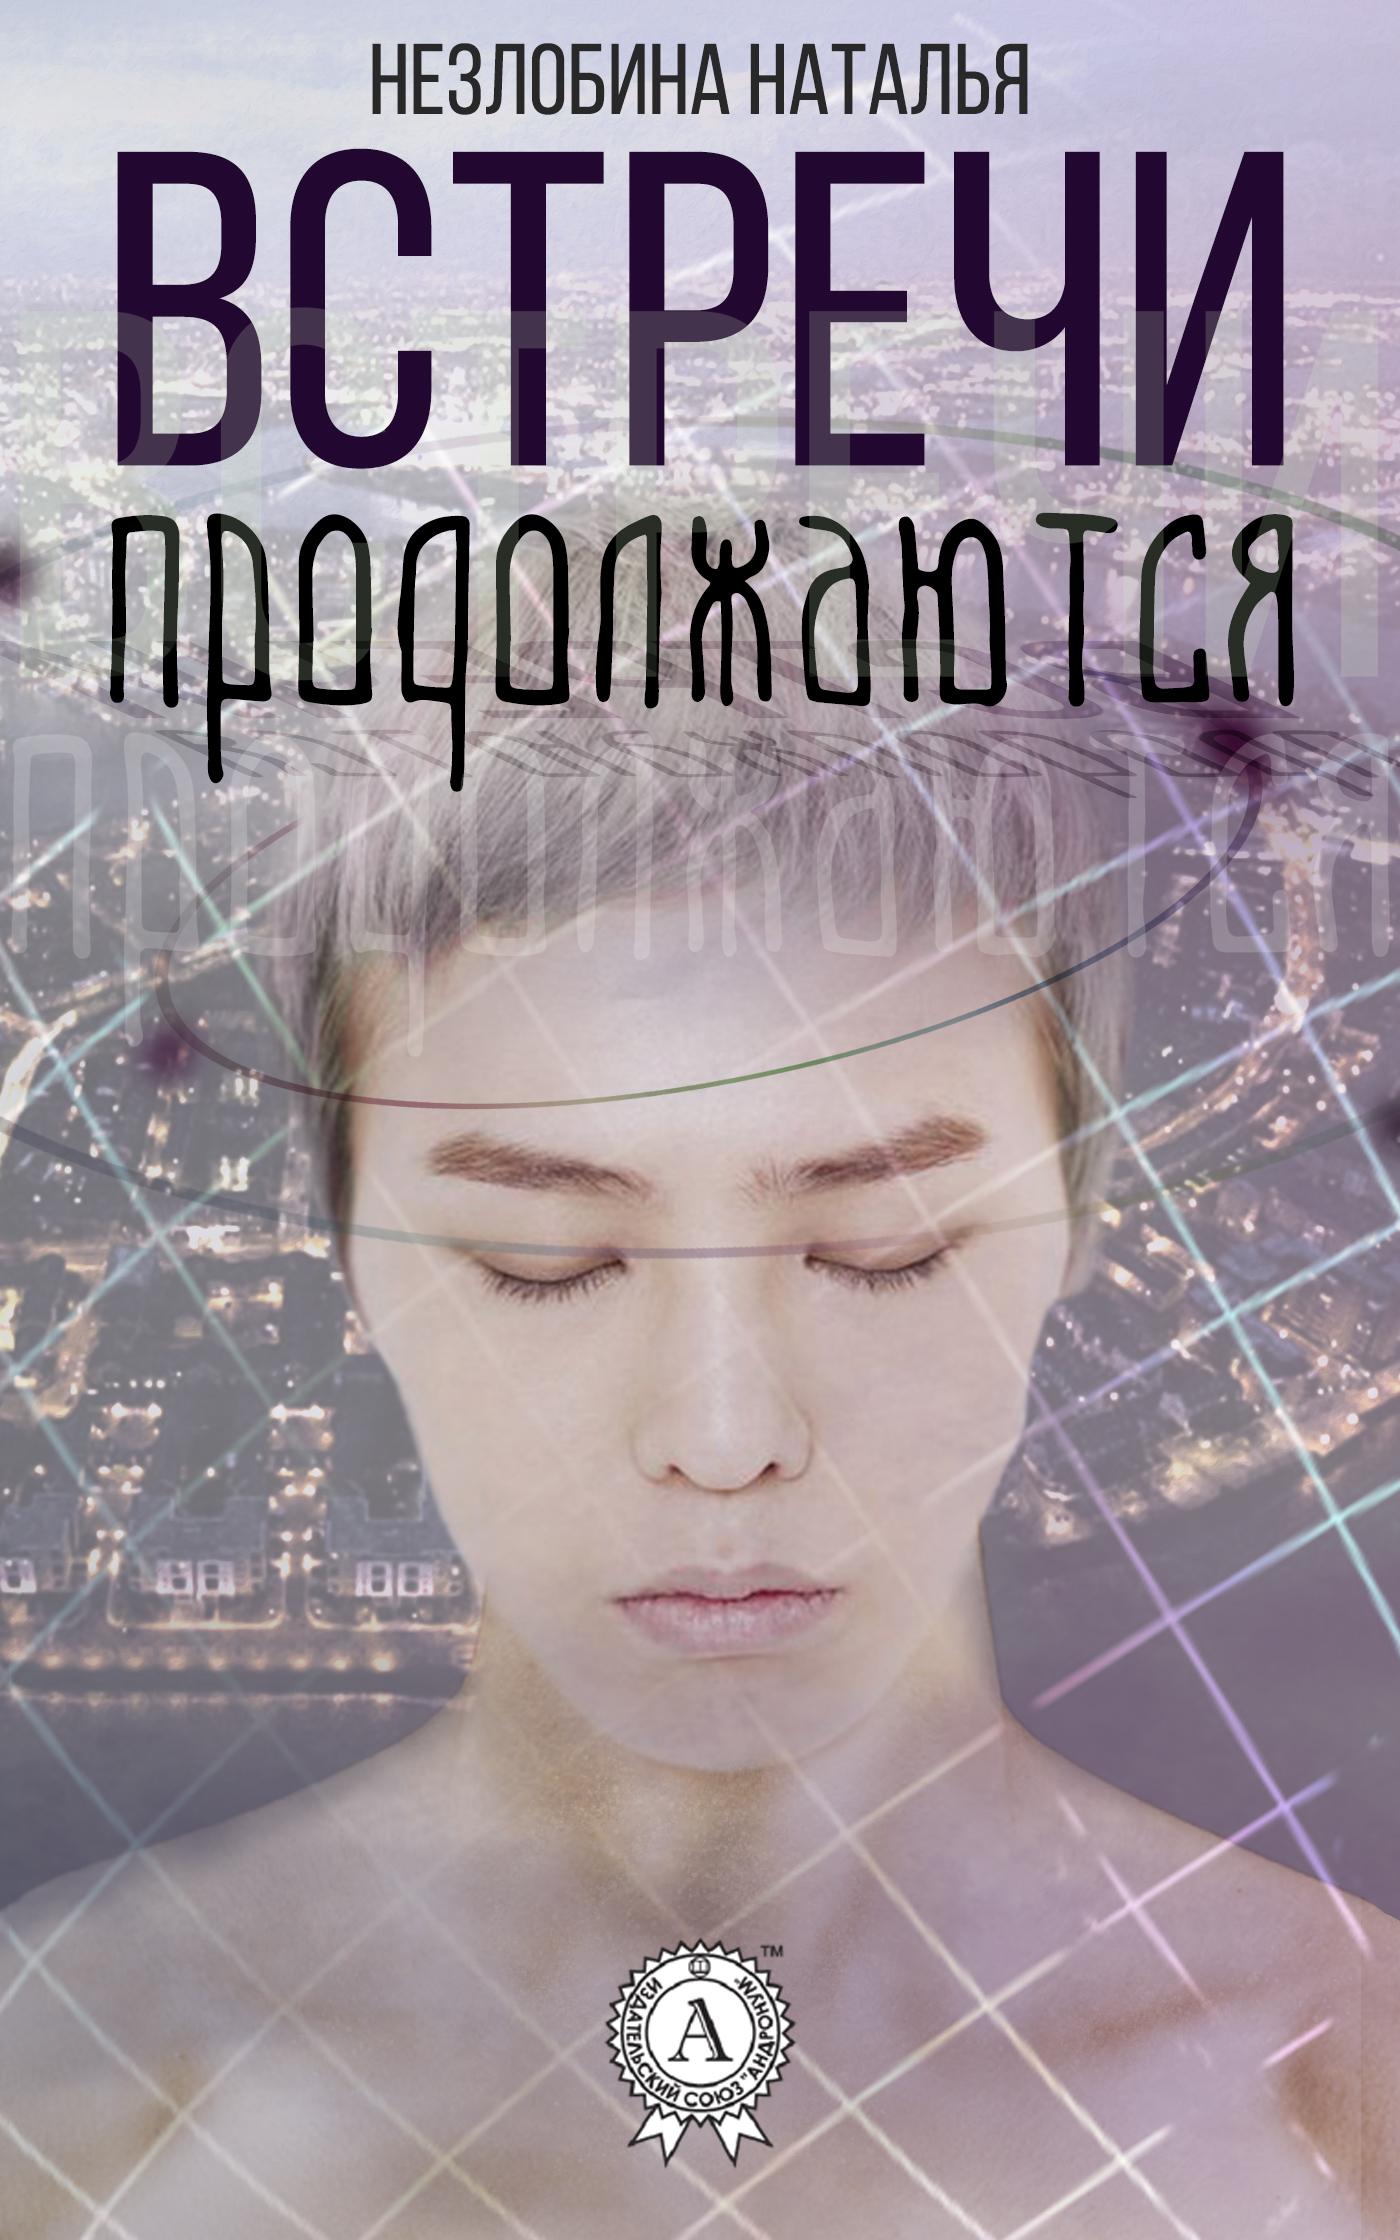 Скачать Встречи продолжаются бесплатно Наталья Незлобина